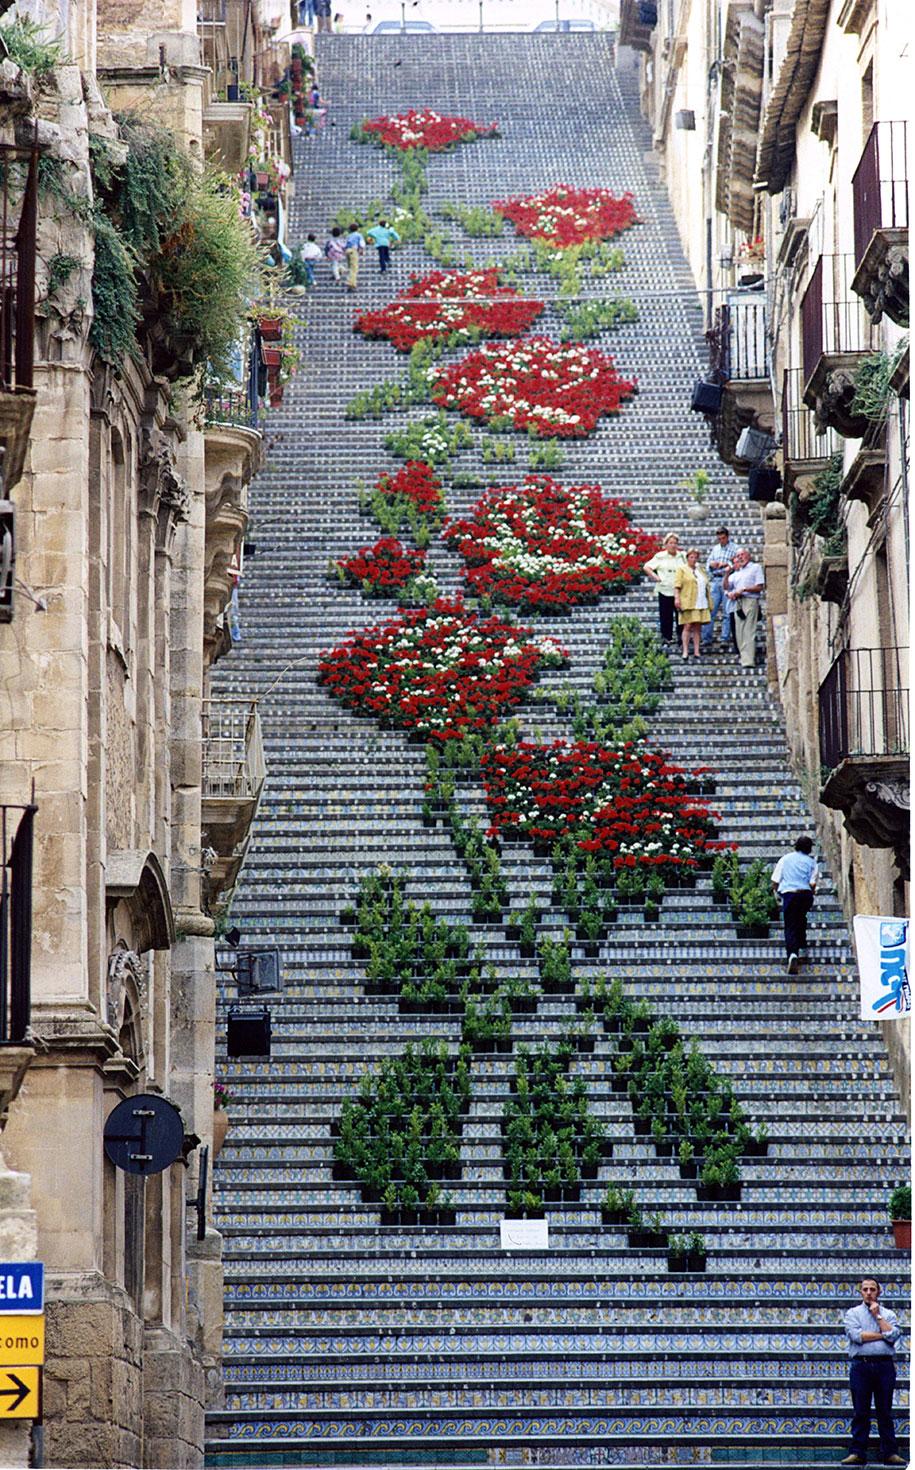 Картины и картинки - Страница 7 Creative-beautiful-steps-stairs-street-art-8